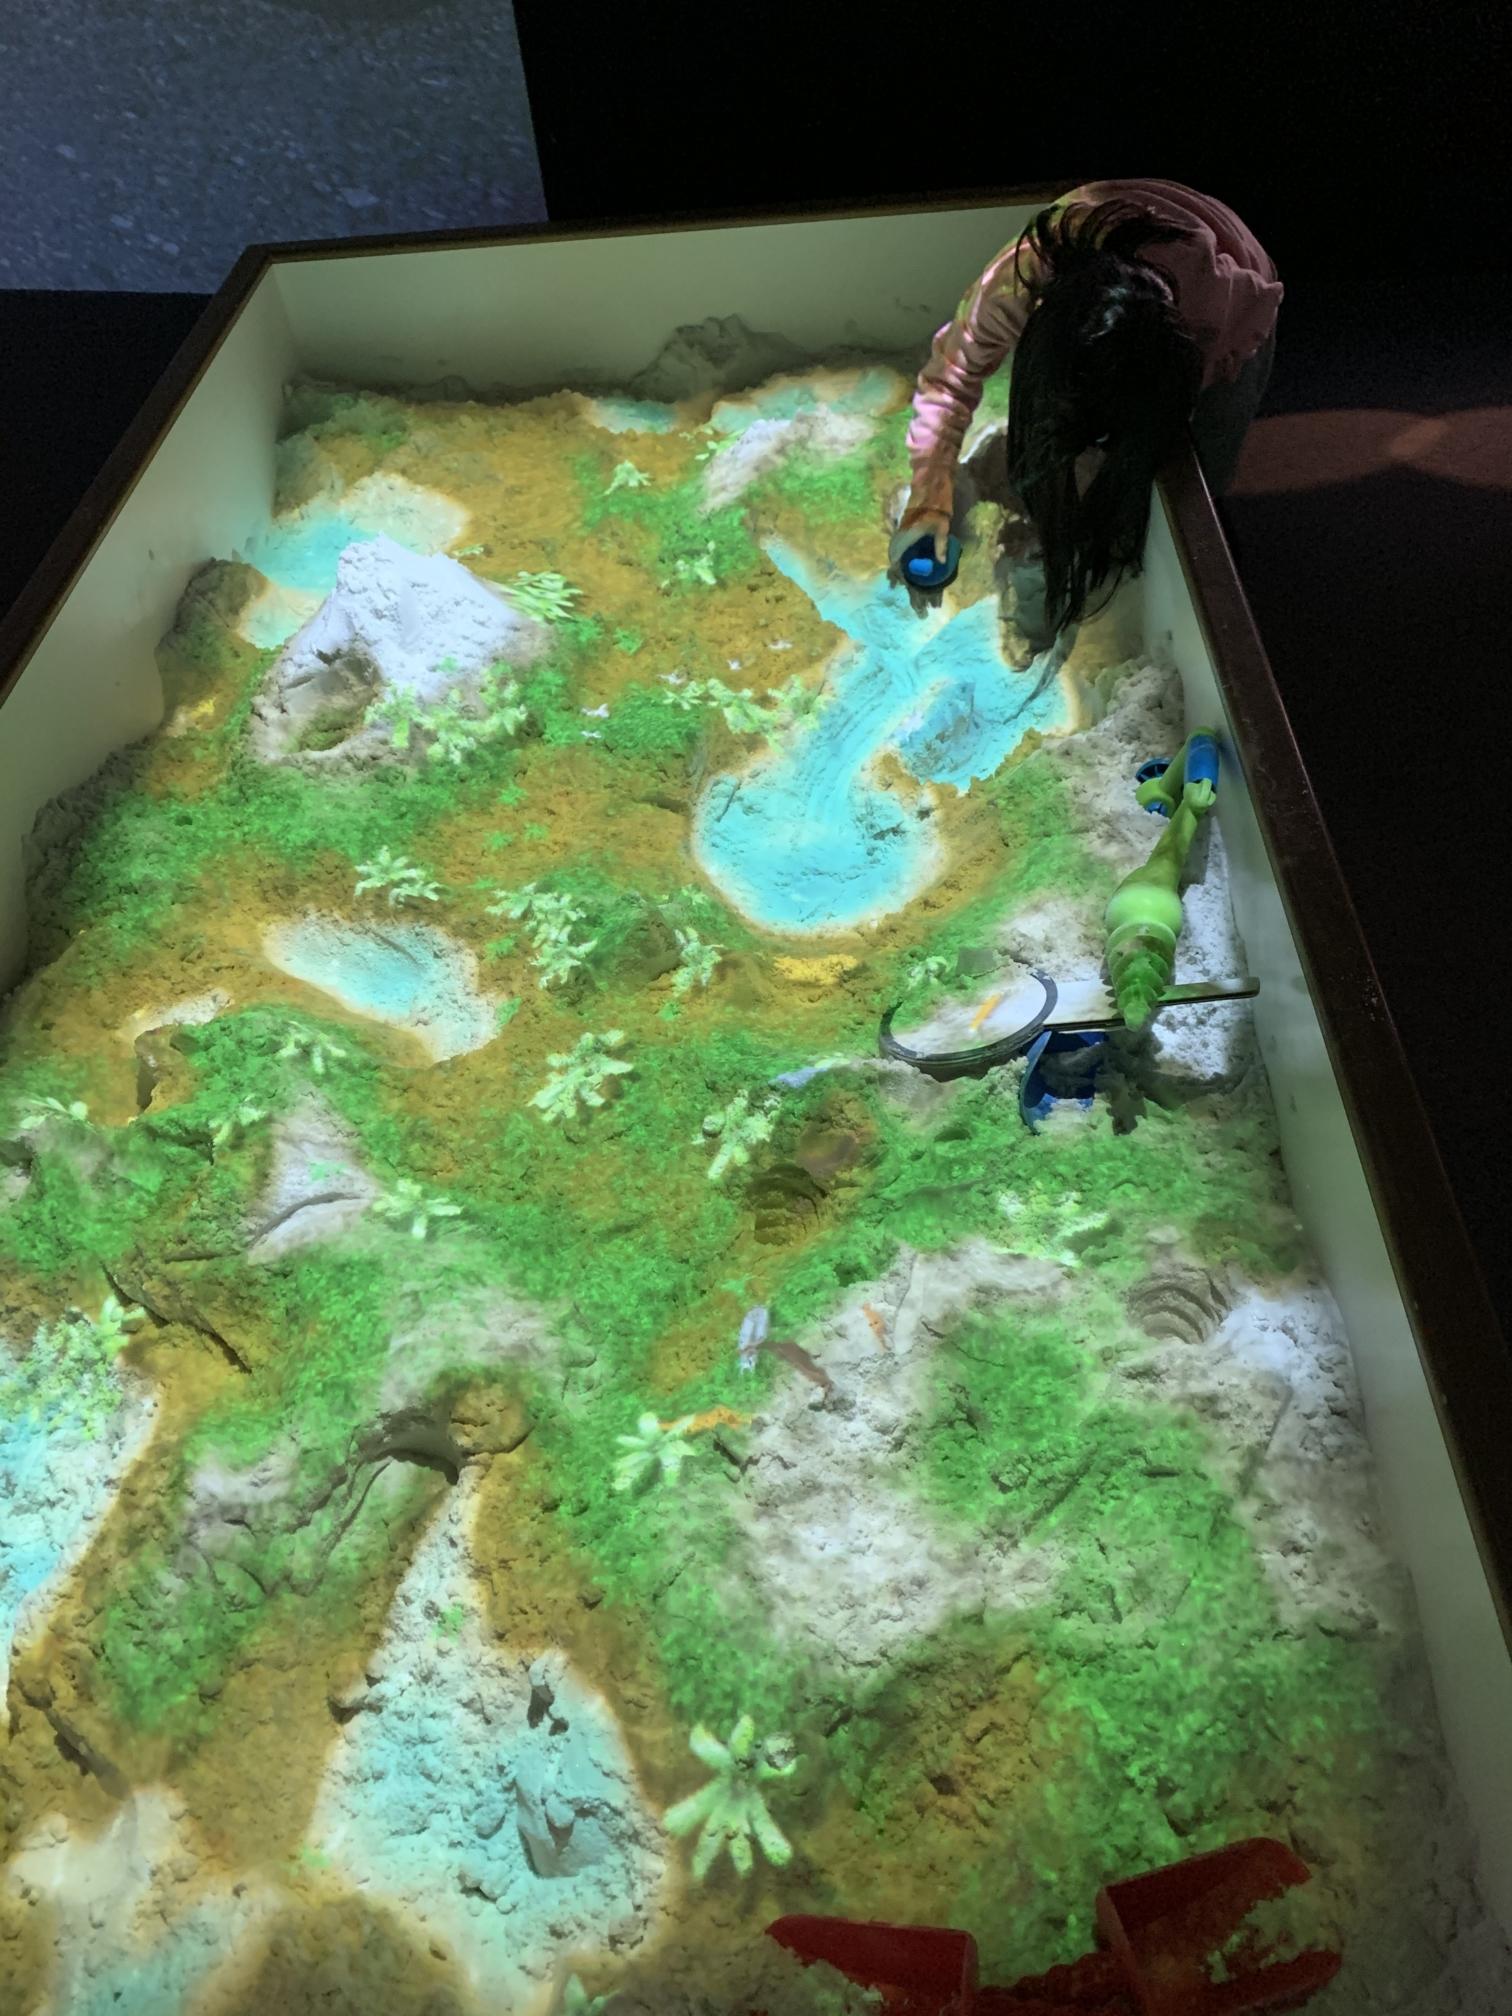 【ららぽーと横浜】リトルプラネットのAR砂遊びで【SAND PARTY!】で穴をほる